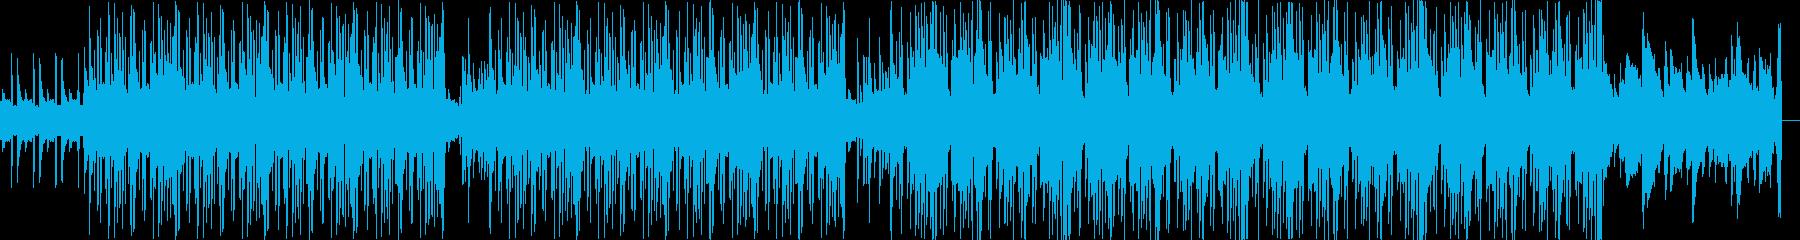 Lo-FiニューヨークHIPHOPの再生済みの波形